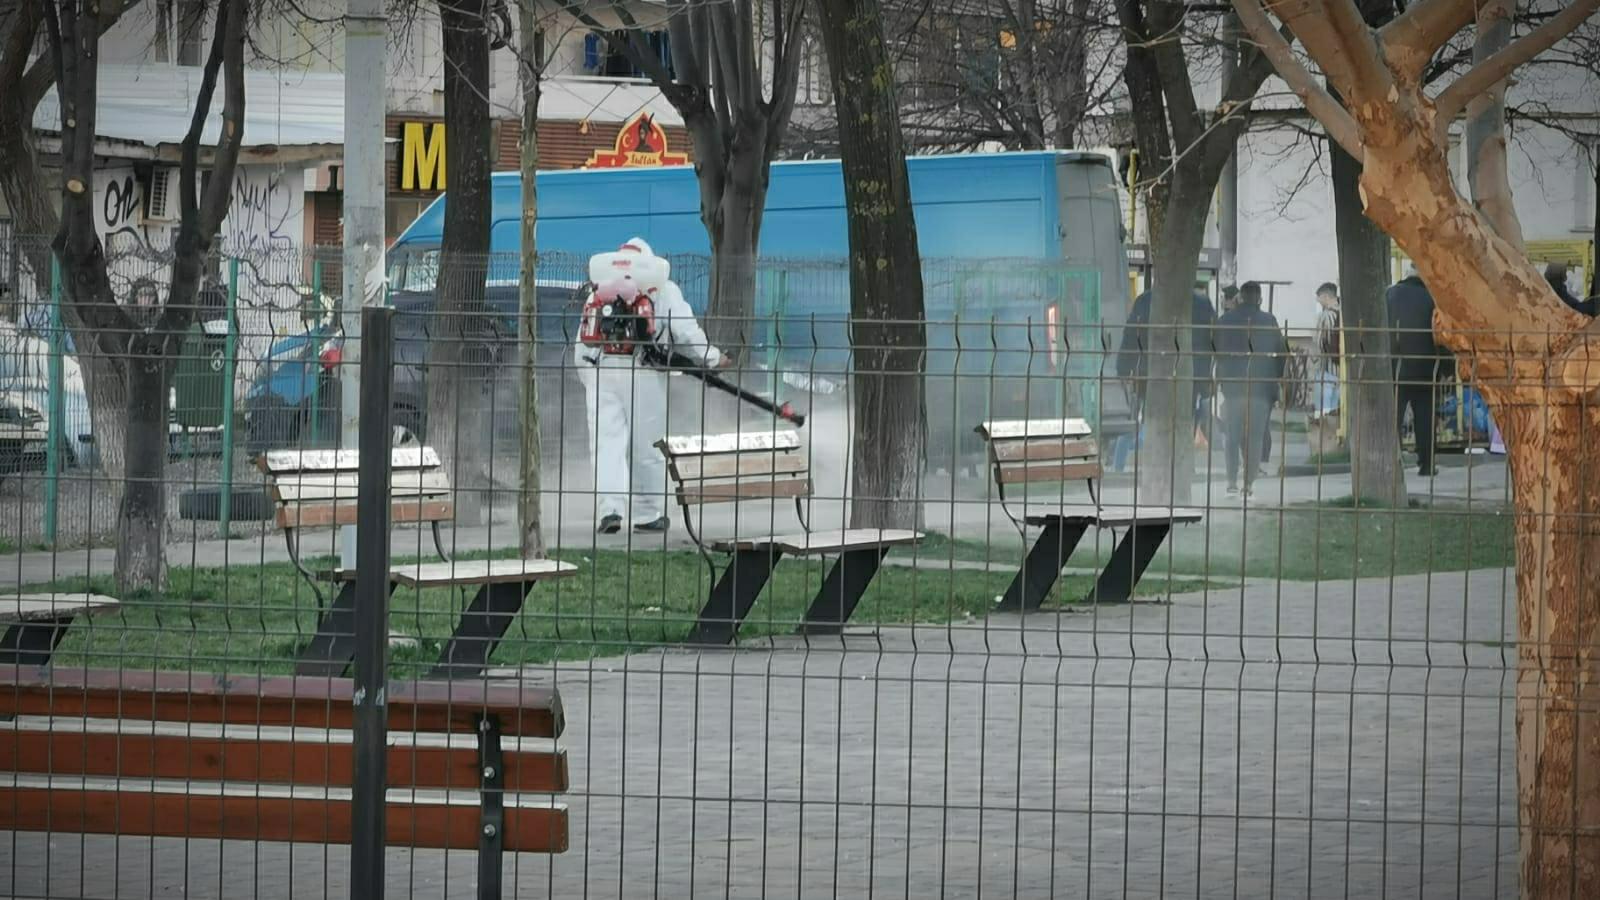 Bacău, COVID-19: dezinfecție în spațiile administrației, parcuri, locuri de joacă, mijloacele de transport și locuri publice